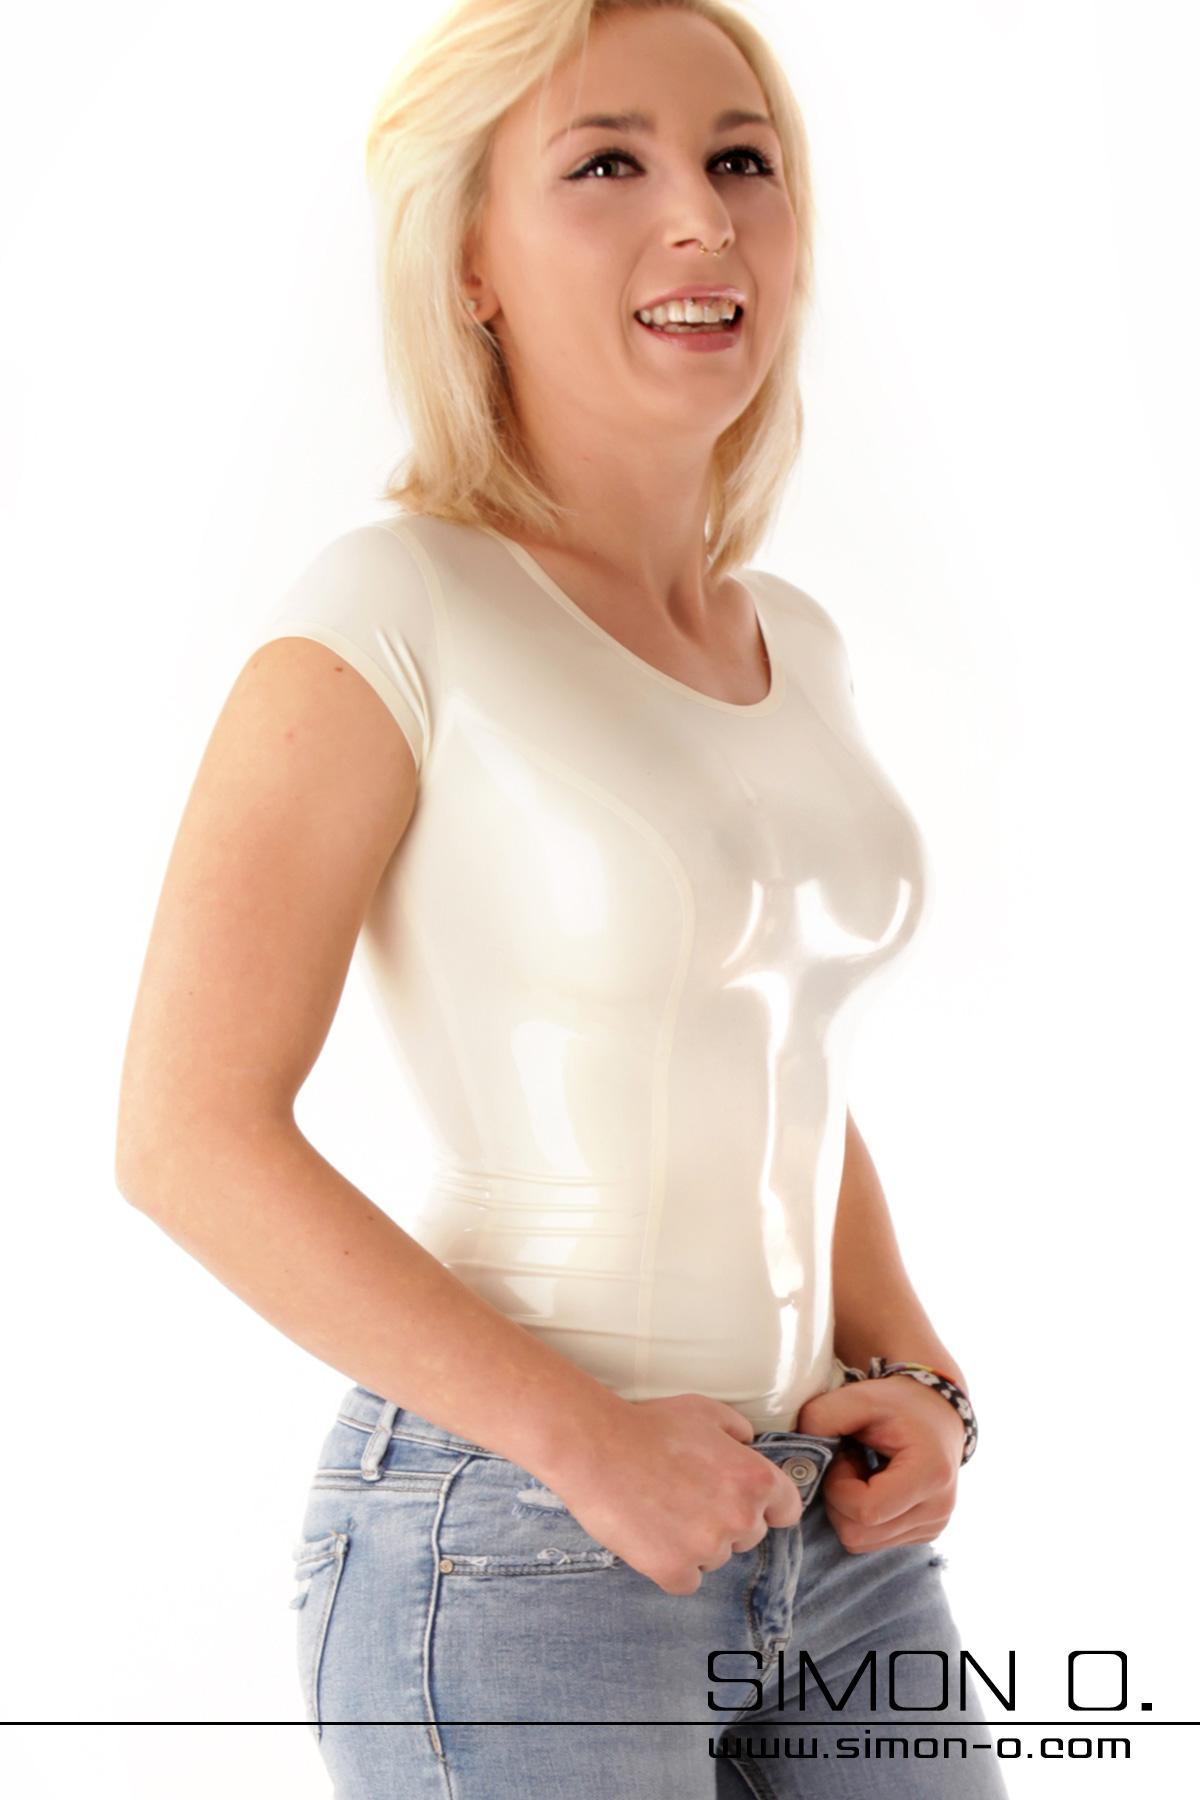 Latex Damen Shirt mit Rundausschnitt – in vielen Farben erhältlich Ein hauteng anliegendes Latex Shirt für Damen, welches sexy, frech und modisch ist. Dieses …